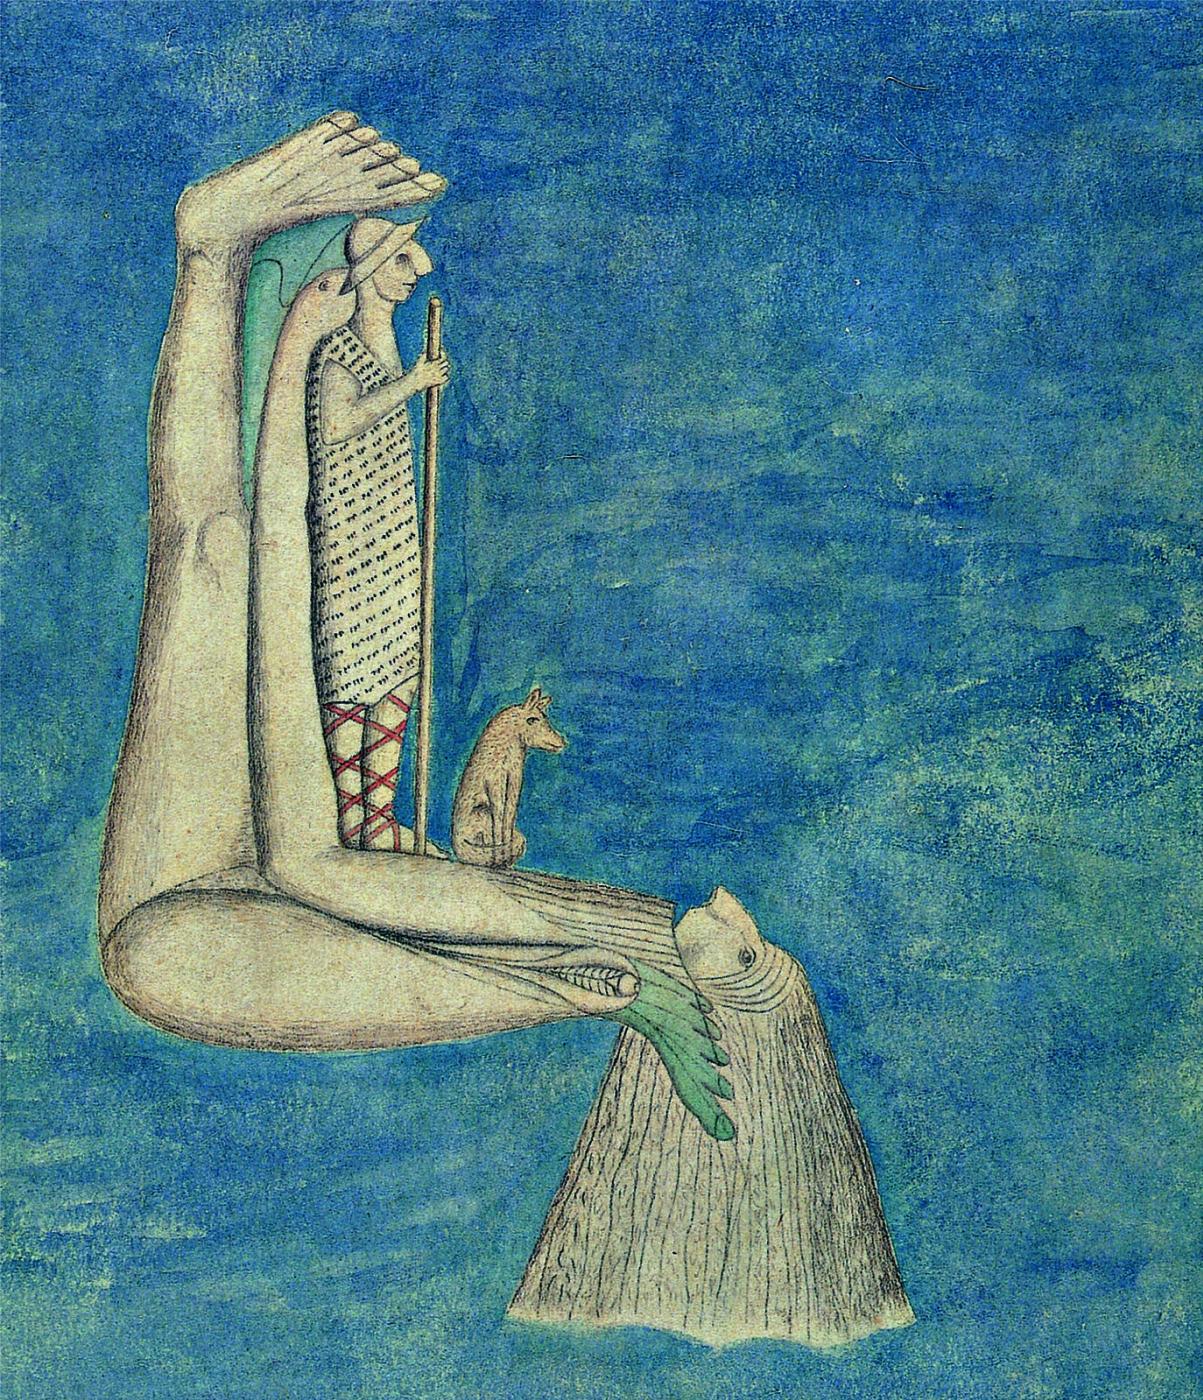 350b064a Сумасшедшее искусство - «Чудо в обувной стельке»: коллекция доктора  Принцхорна на выставке в Германии и прочий поразительный Бедлам